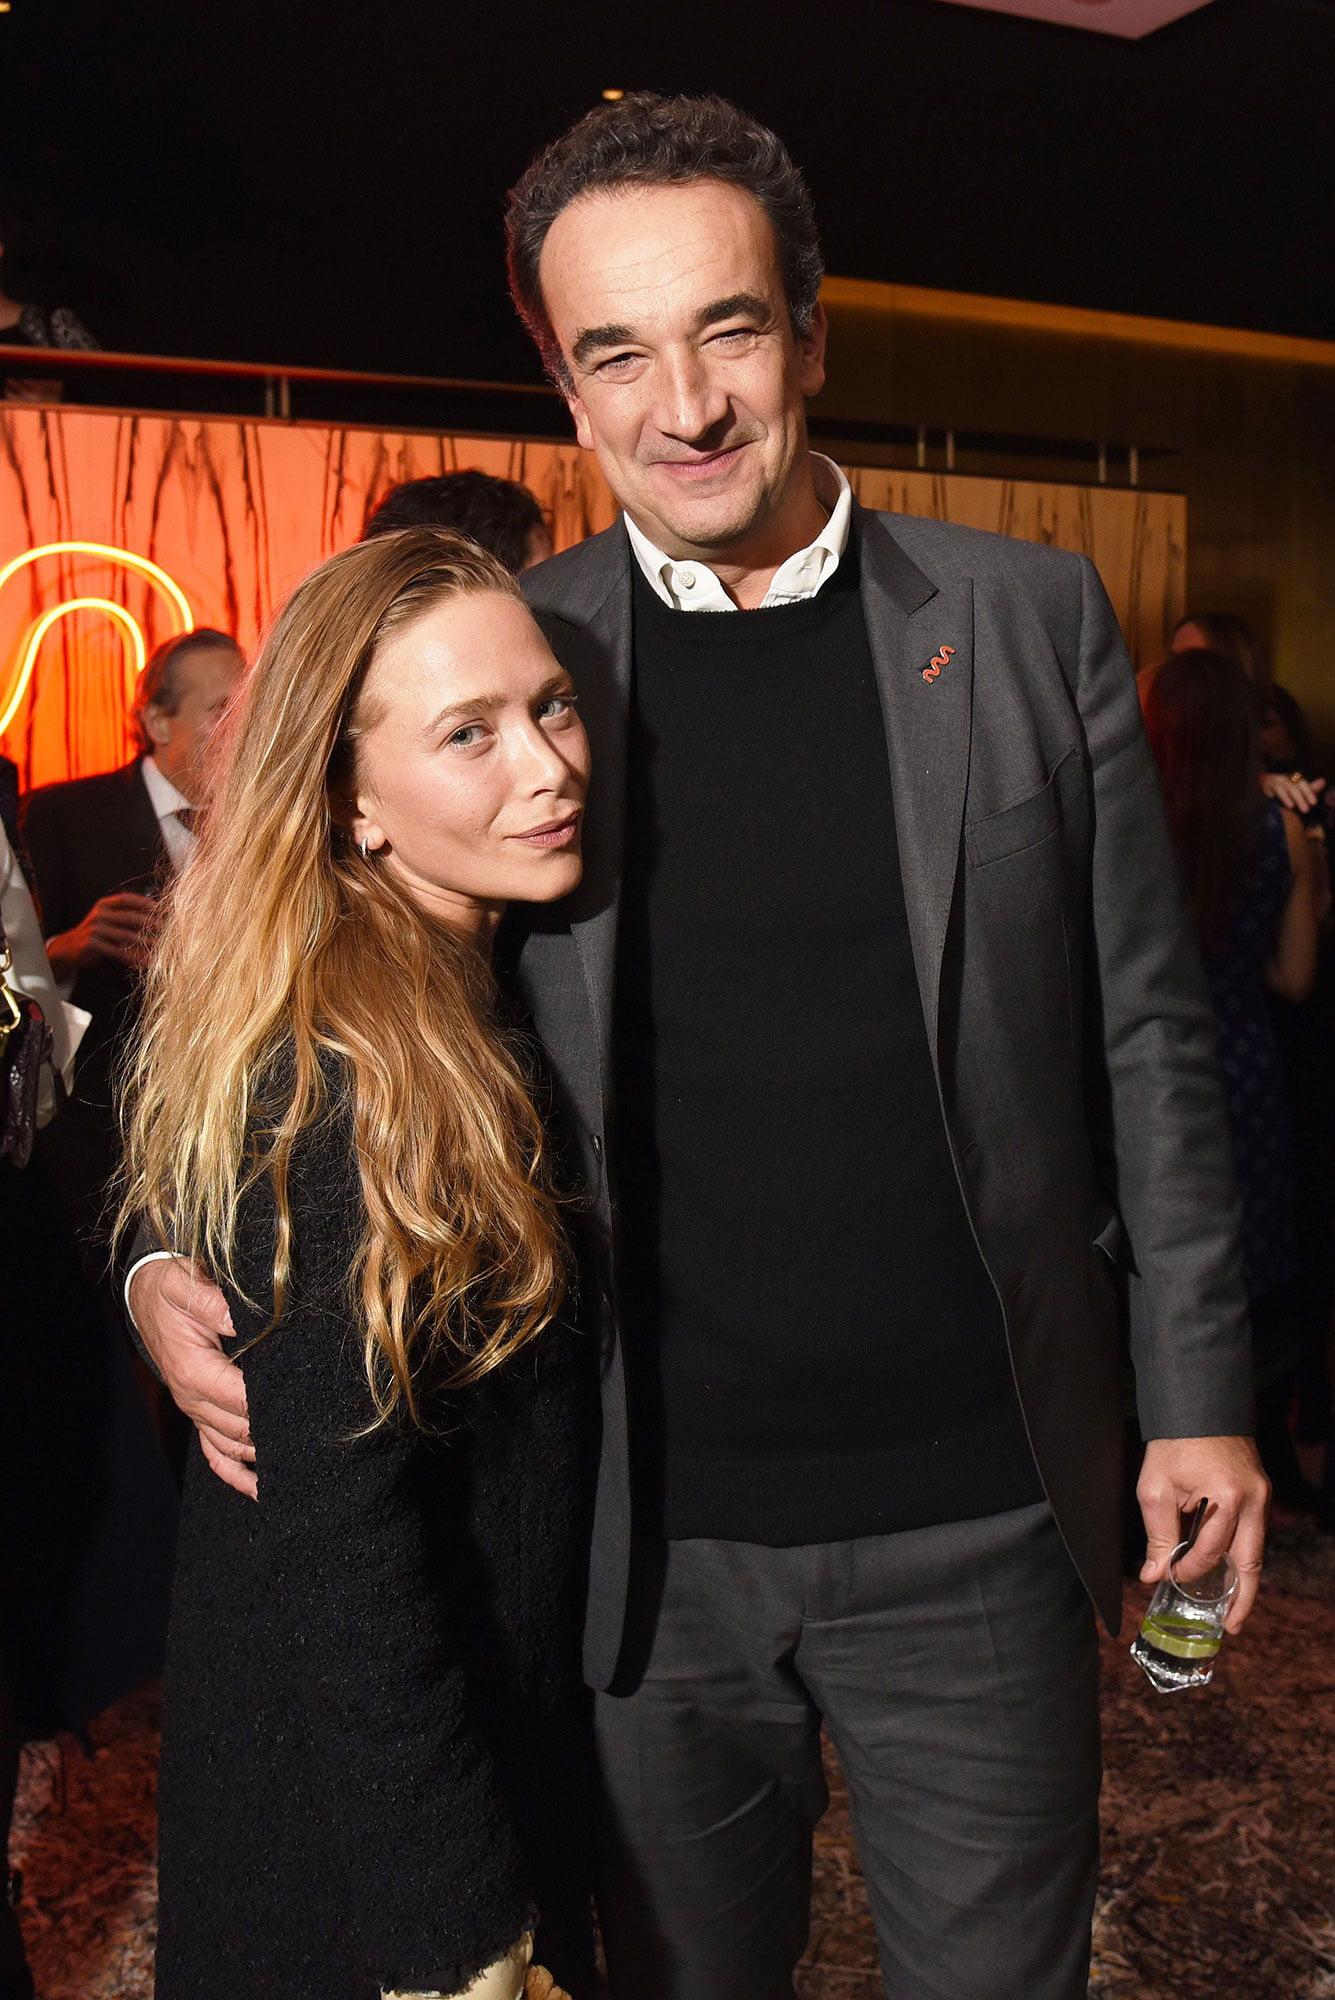 Mary-Kate Olsen Emergency Divorce Filing From Estranged Husband Olivier Sarkozy Was Rejected